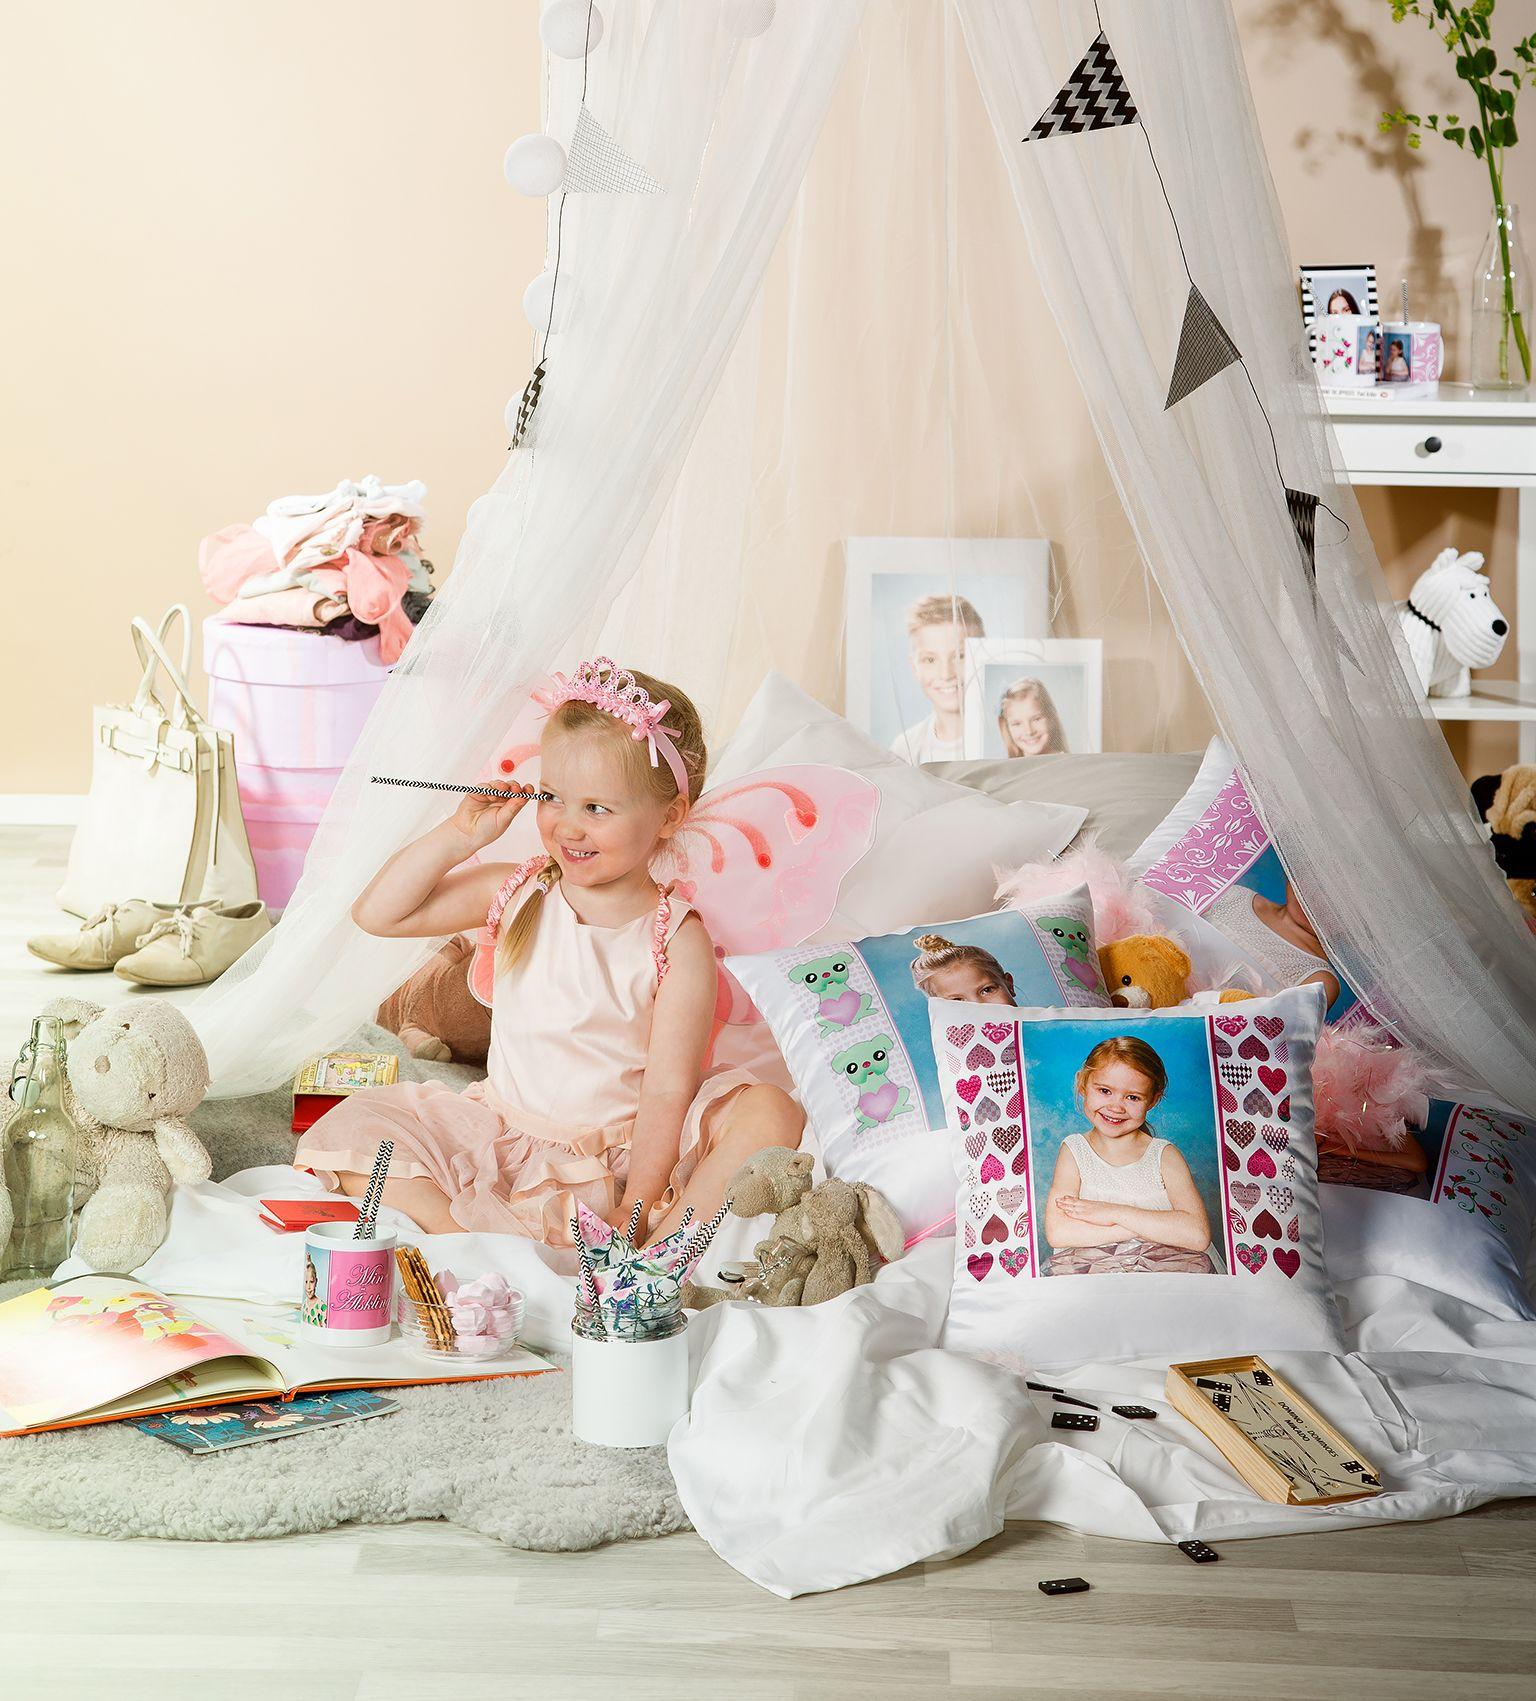 Kesäunelmia | www.kuvaverkko.fi | #tyyny #muki #kuvatuote #valokuva #muotokuva #lapsikuva #päiväkotikuva #koulukuva #rakkaat #pehmeää #omajuttu #leikki #keiju #prinsessa #kuinsadusta #sisustusvinkki #sisustus #kesäunelma